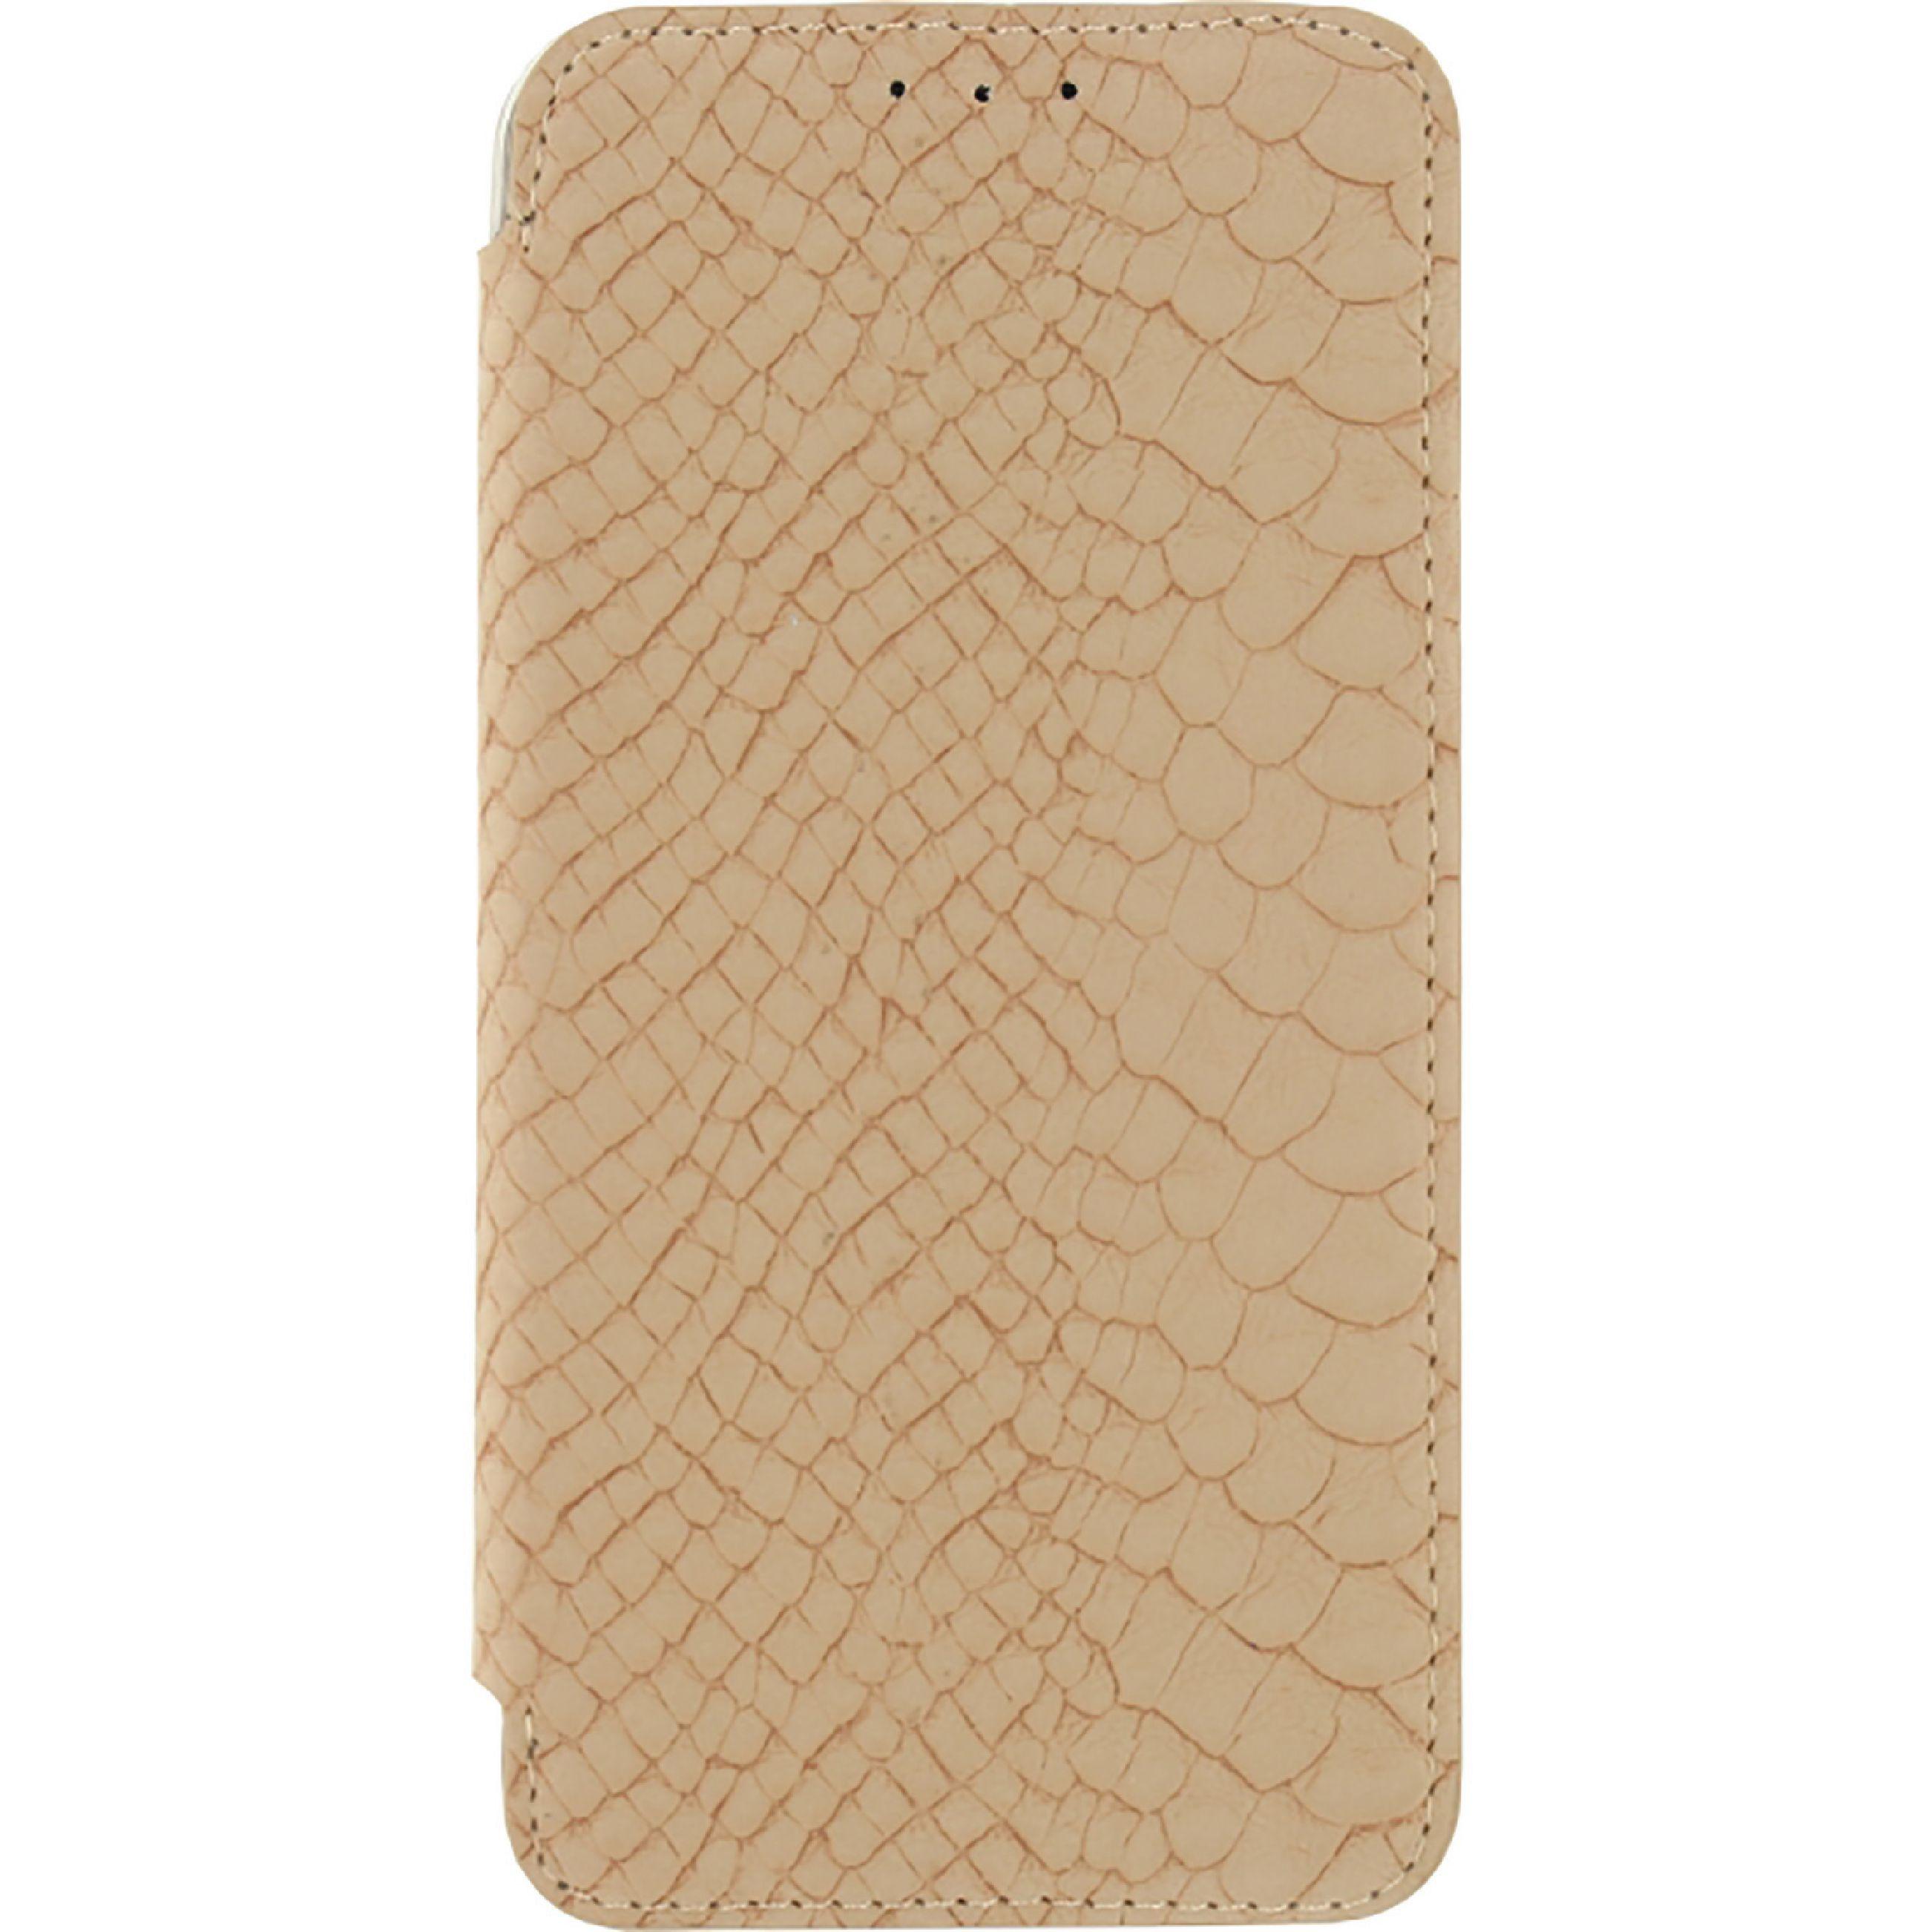 Image of   Telefon Slankt og Blødt Booklet-etui Apple iPhone 6 / 6s Pink